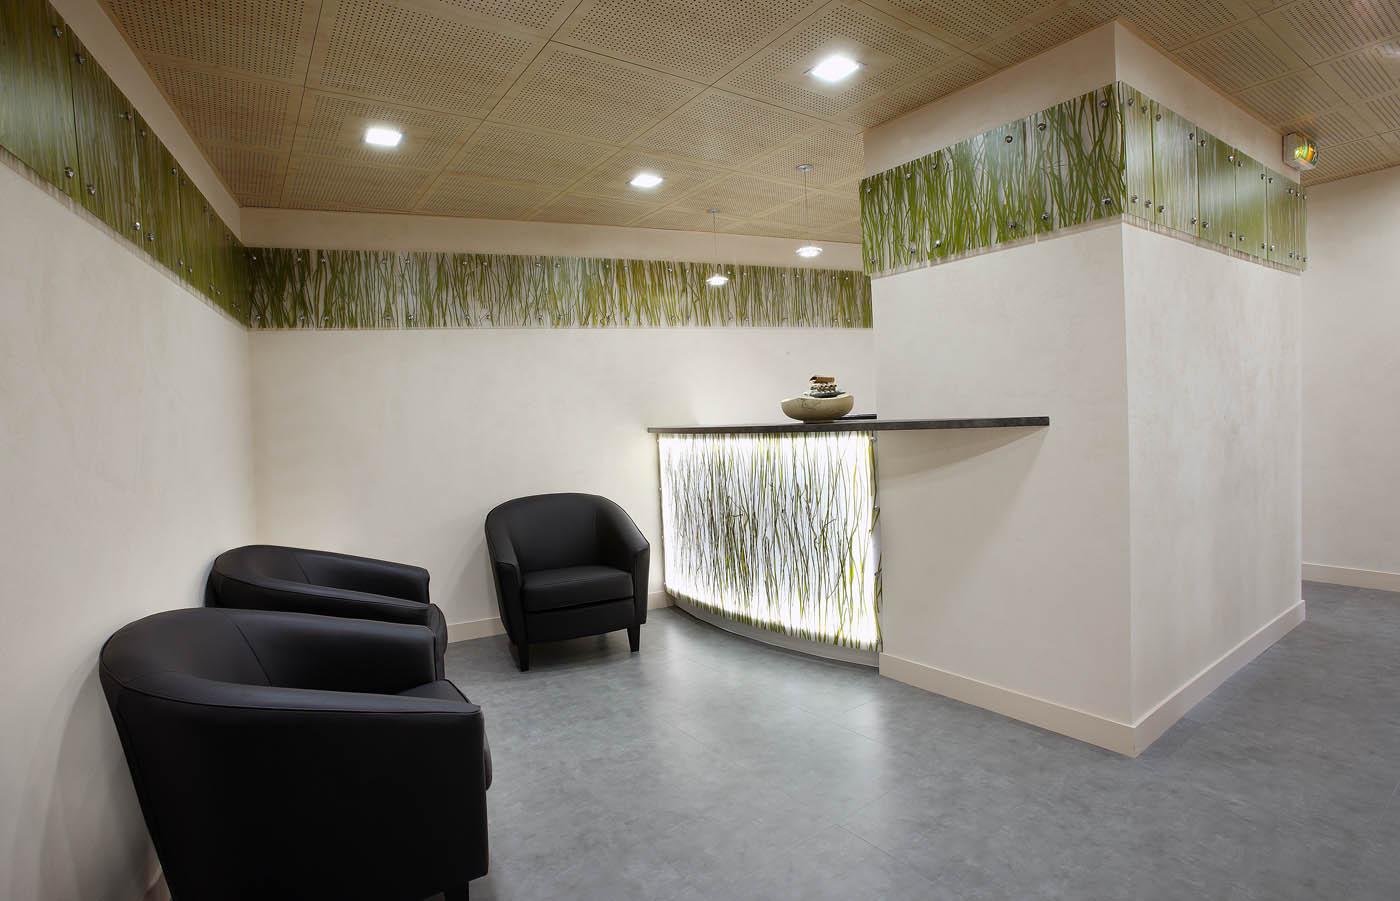 bureaux d 39 entreprises cb architecture d 39 int rieur en haute savoie et savoie. Black Bedroom Furniture Sets. Home Design Ideas